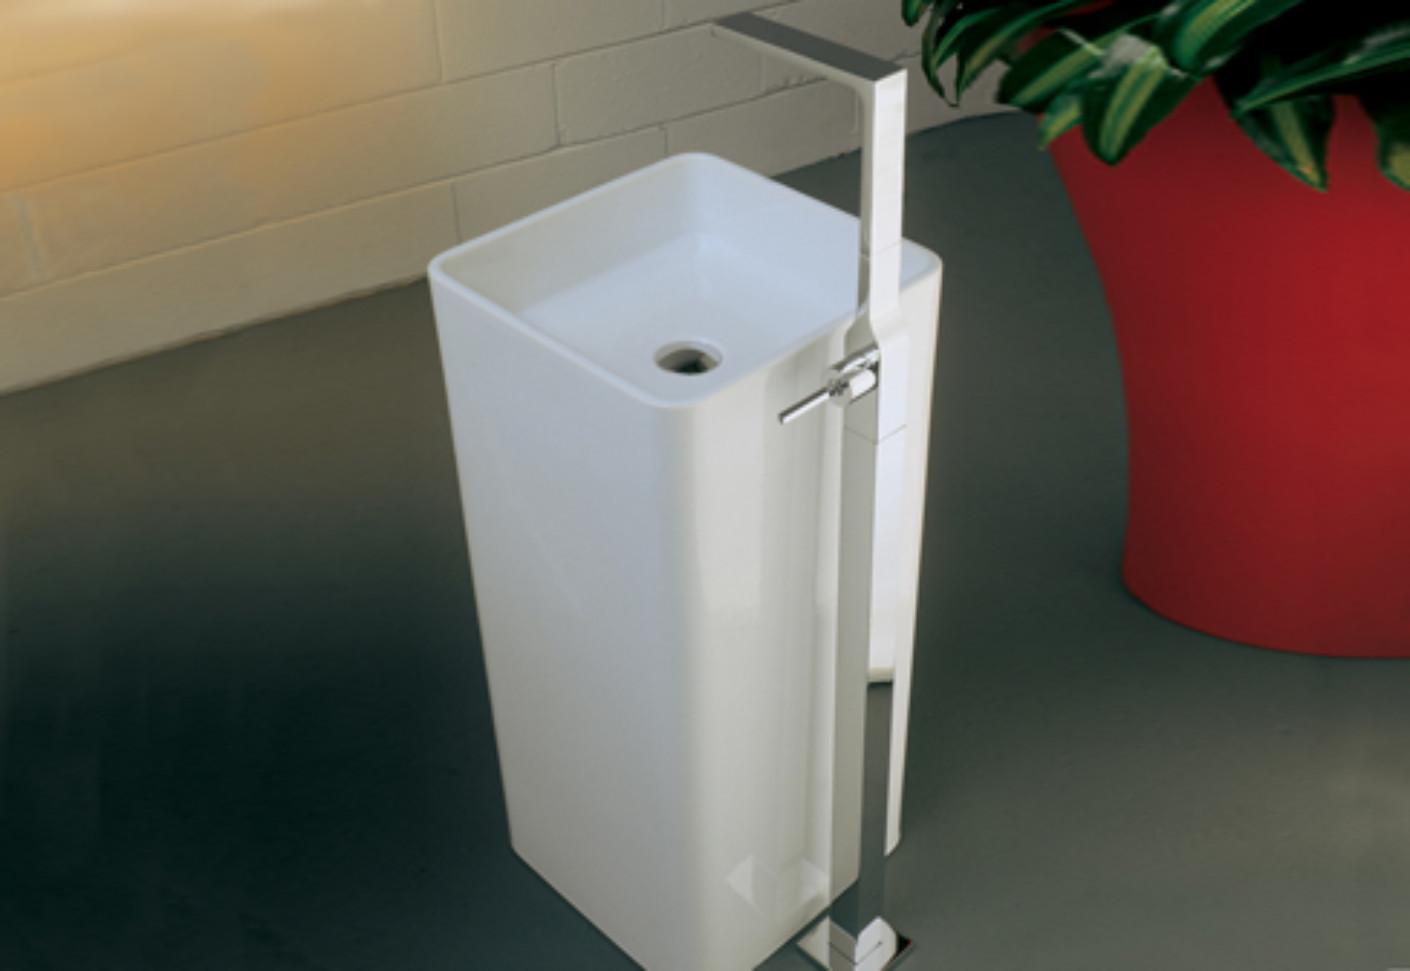 Waterblade_j basin mixer free standing by Ritmonio | STYLEPARK